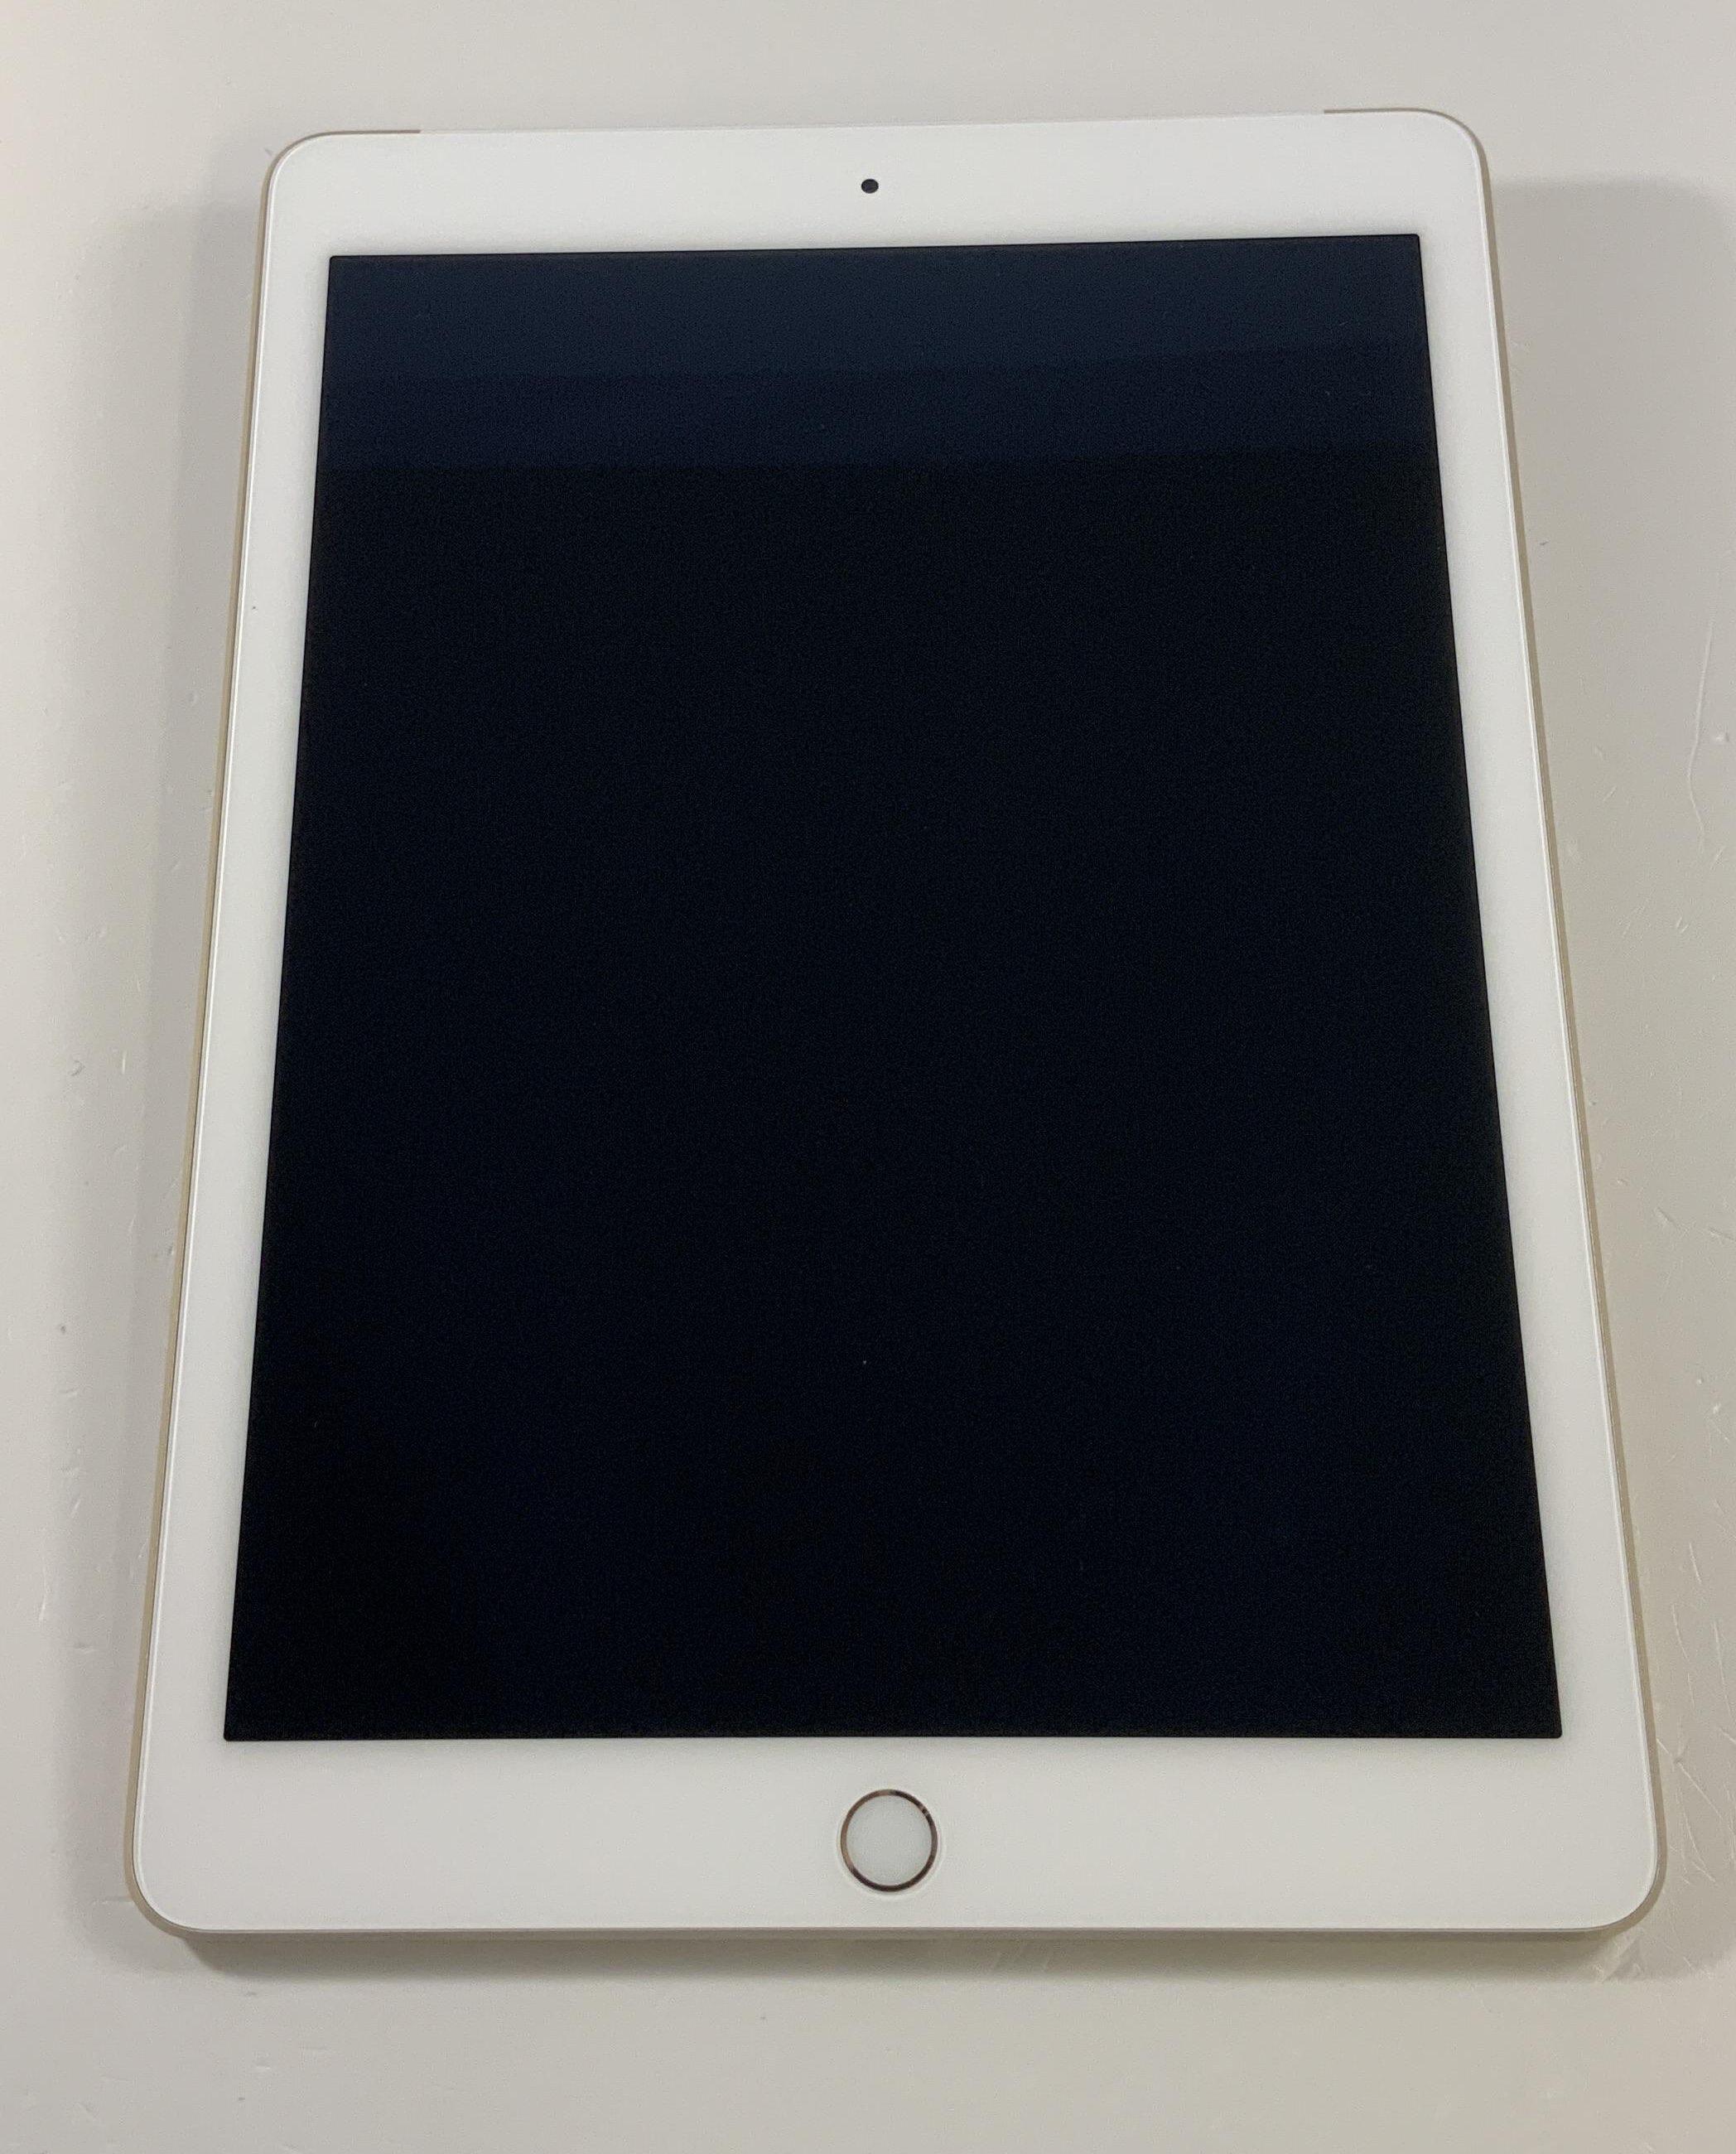 iPad Air 2 Wi-Fi + Cellular 16GB, 16GB, Gold, obraz 1